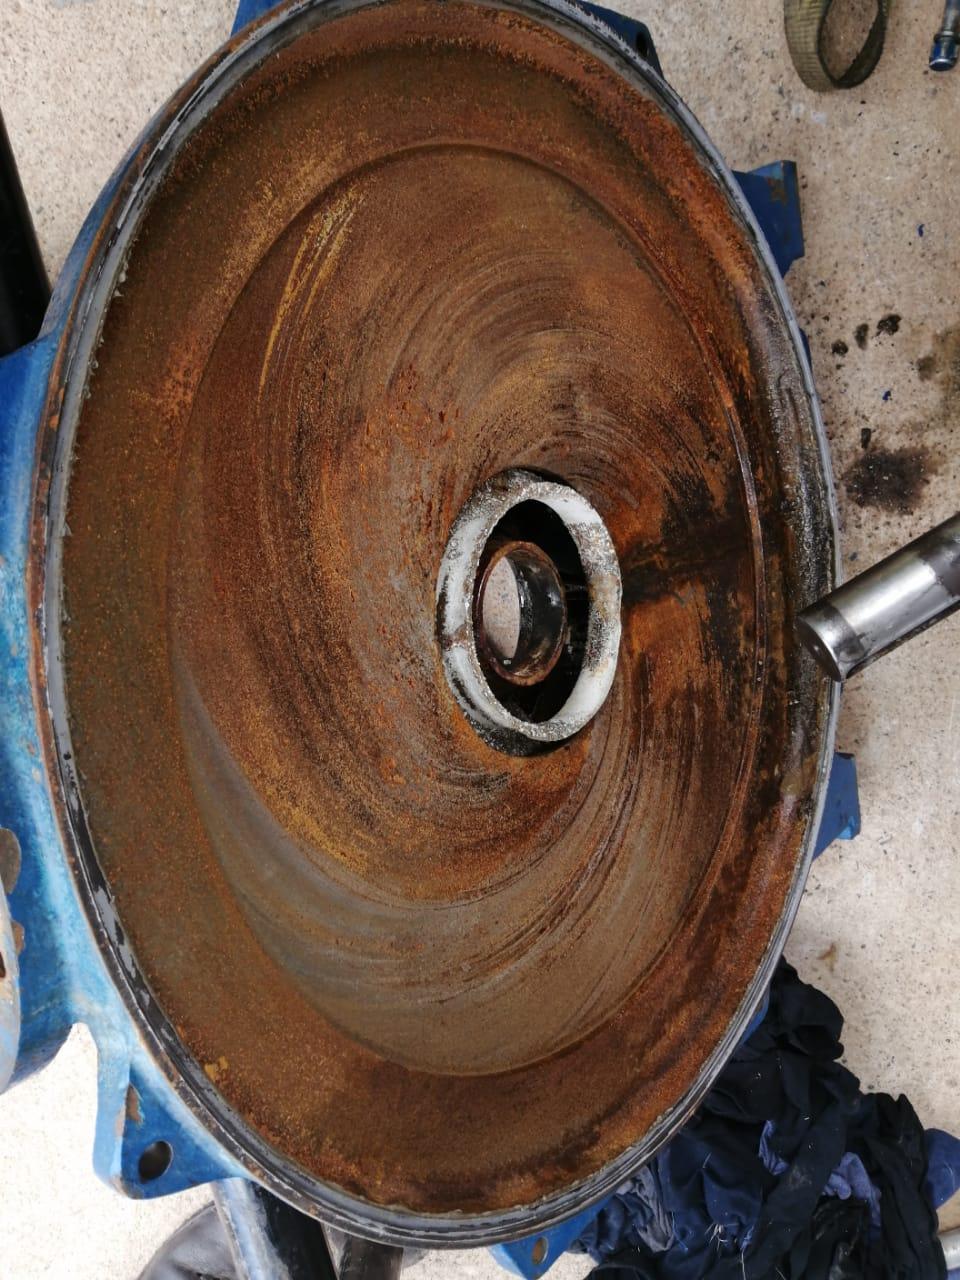 Daños por corrosión del H2S en soplador - desulfuración del biogás - limpieza de biogas - purificación de biogas - reducción de H2S